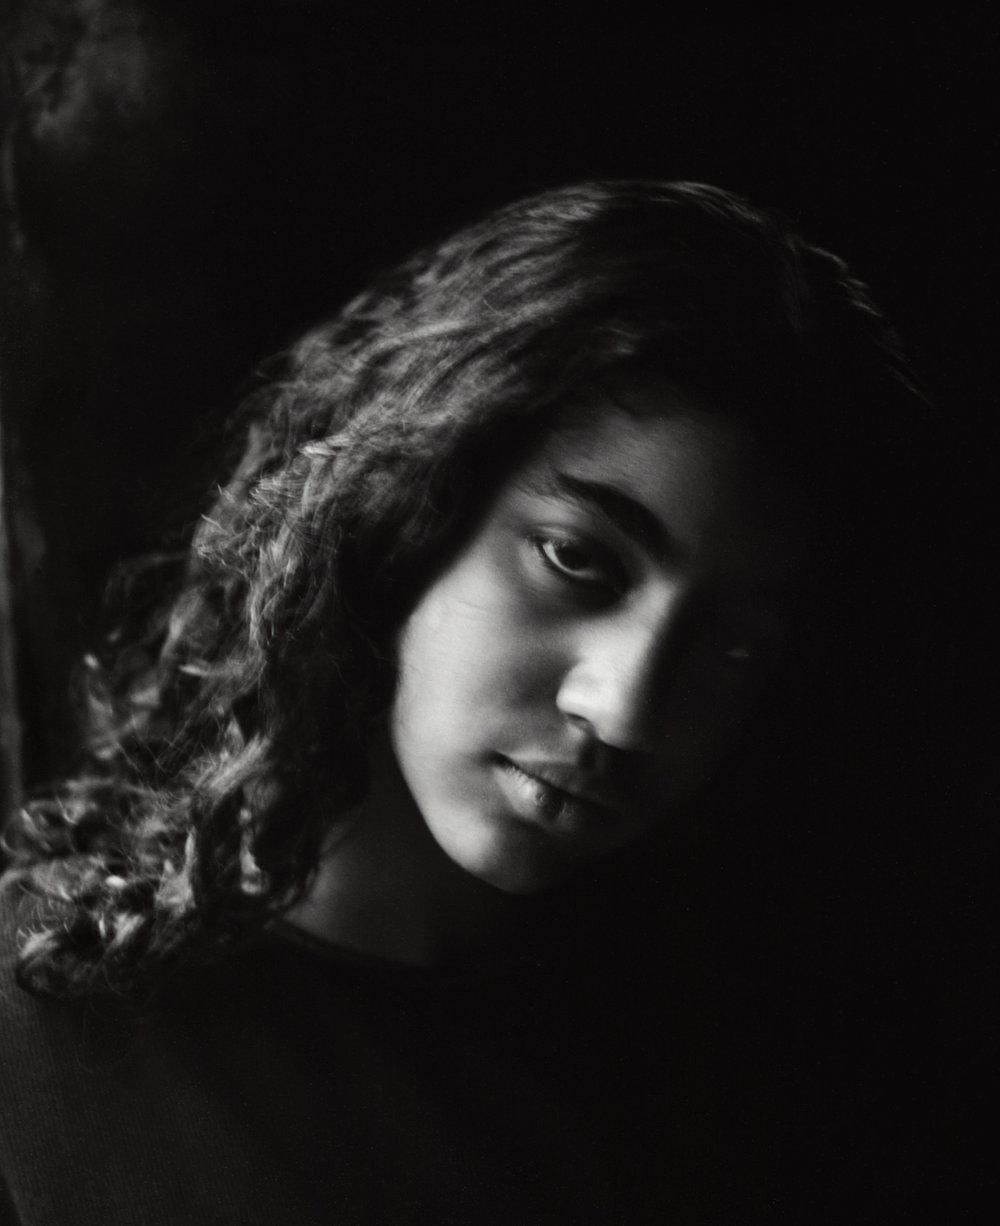 Vella Lovell, El Rito, 1999